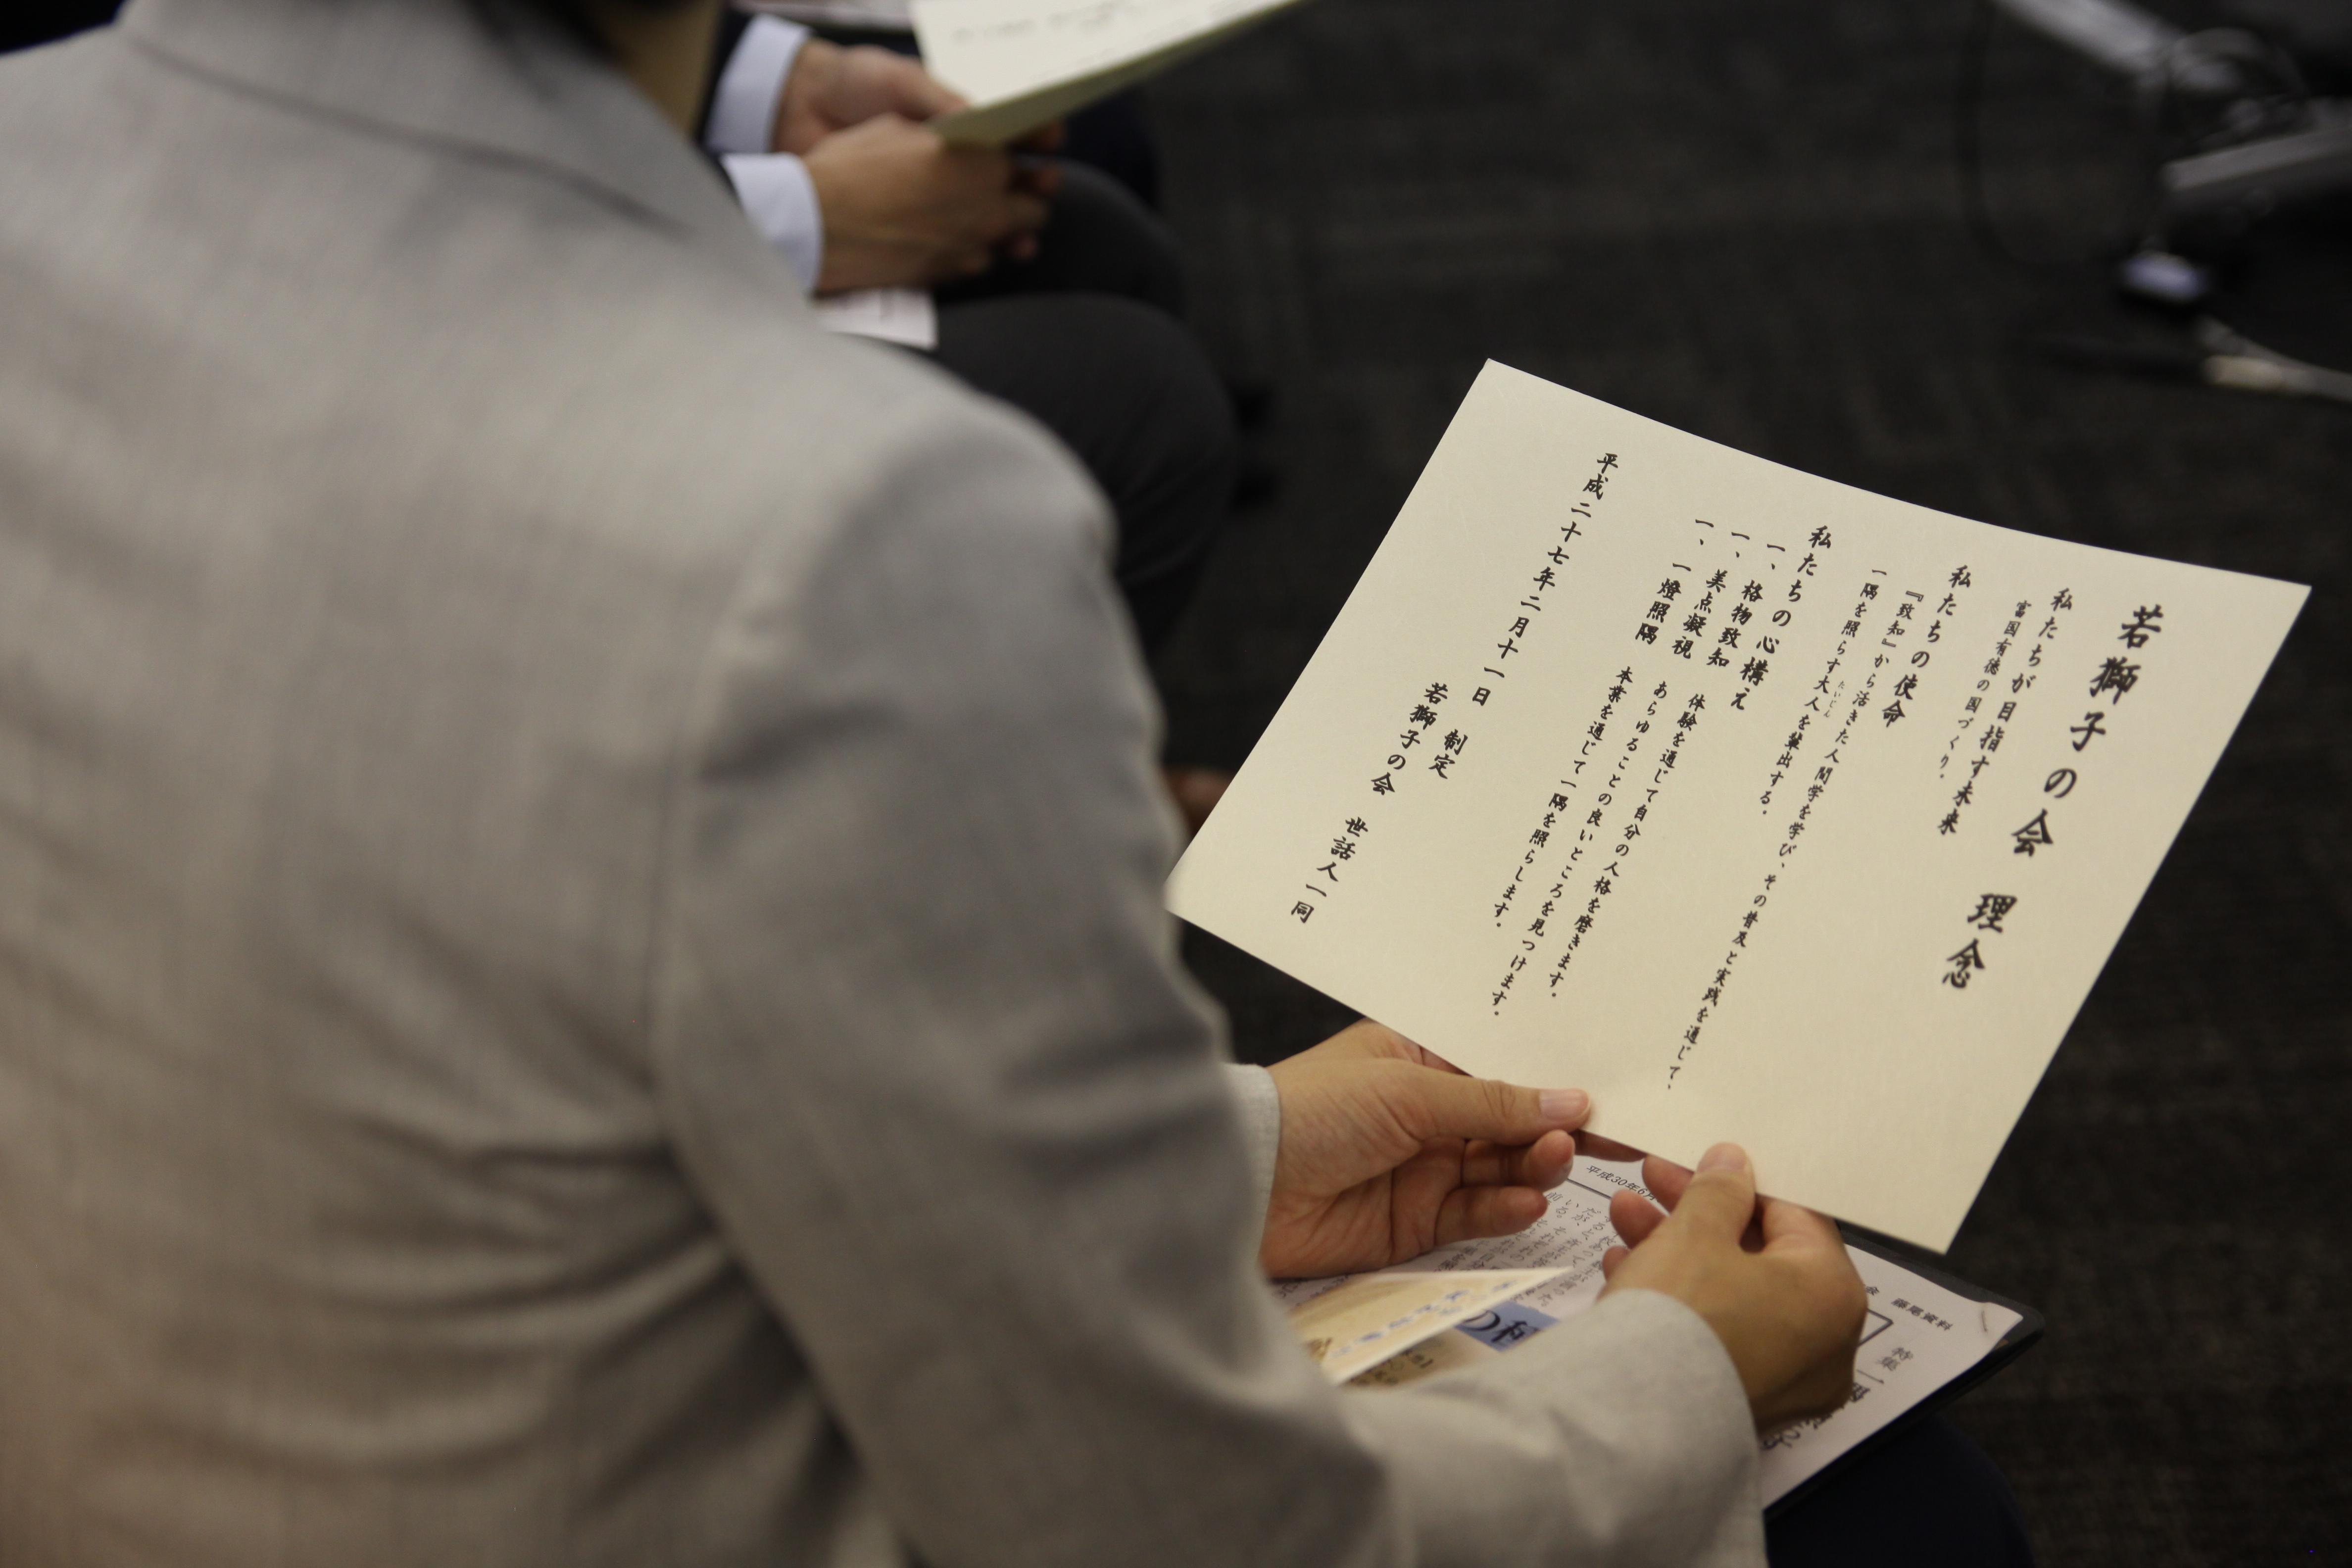 IMG 4613 - 関東若獅子の会、記念すべき第100回